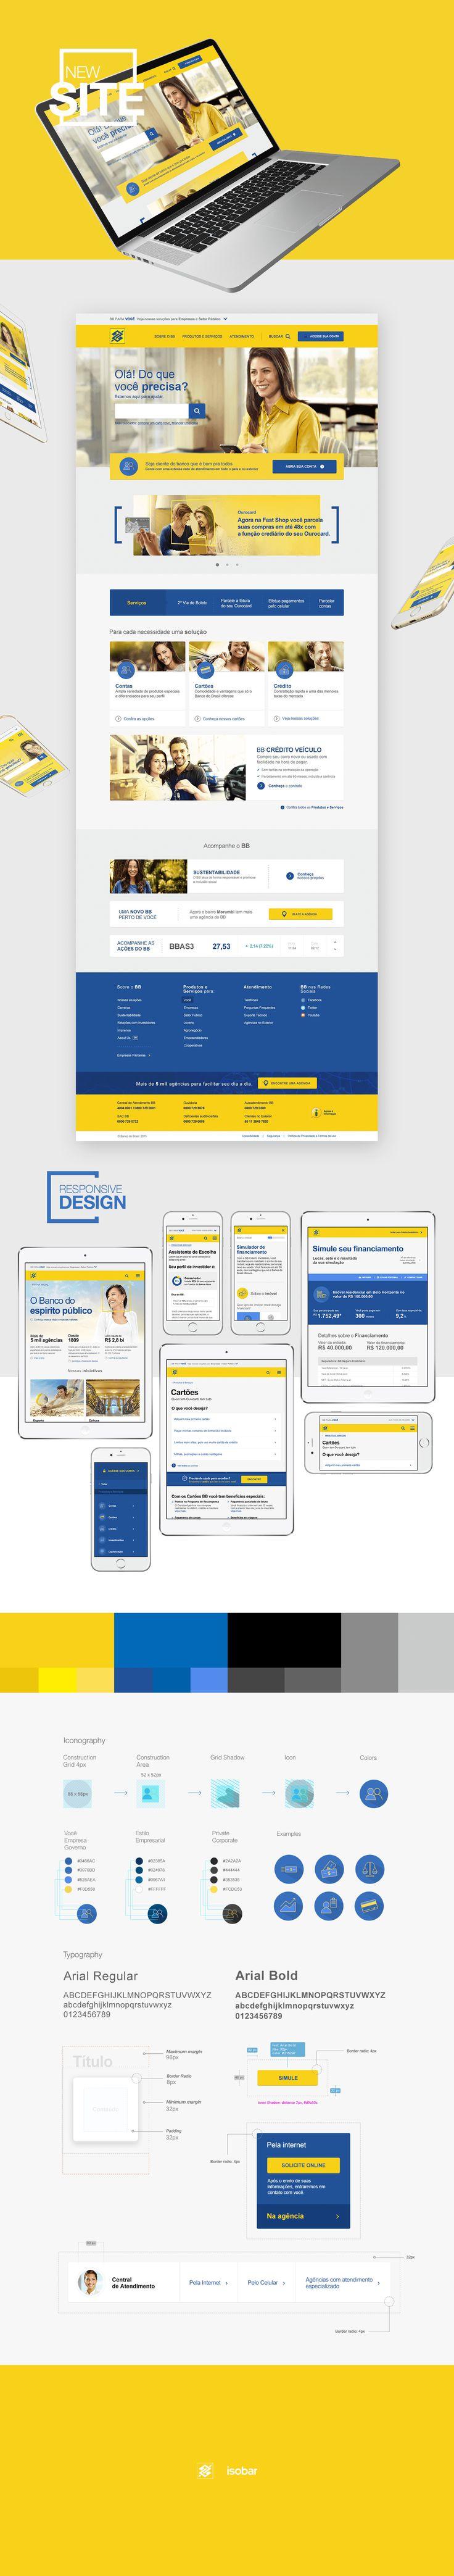 Responsive Portal Banco do Brasil on Behance